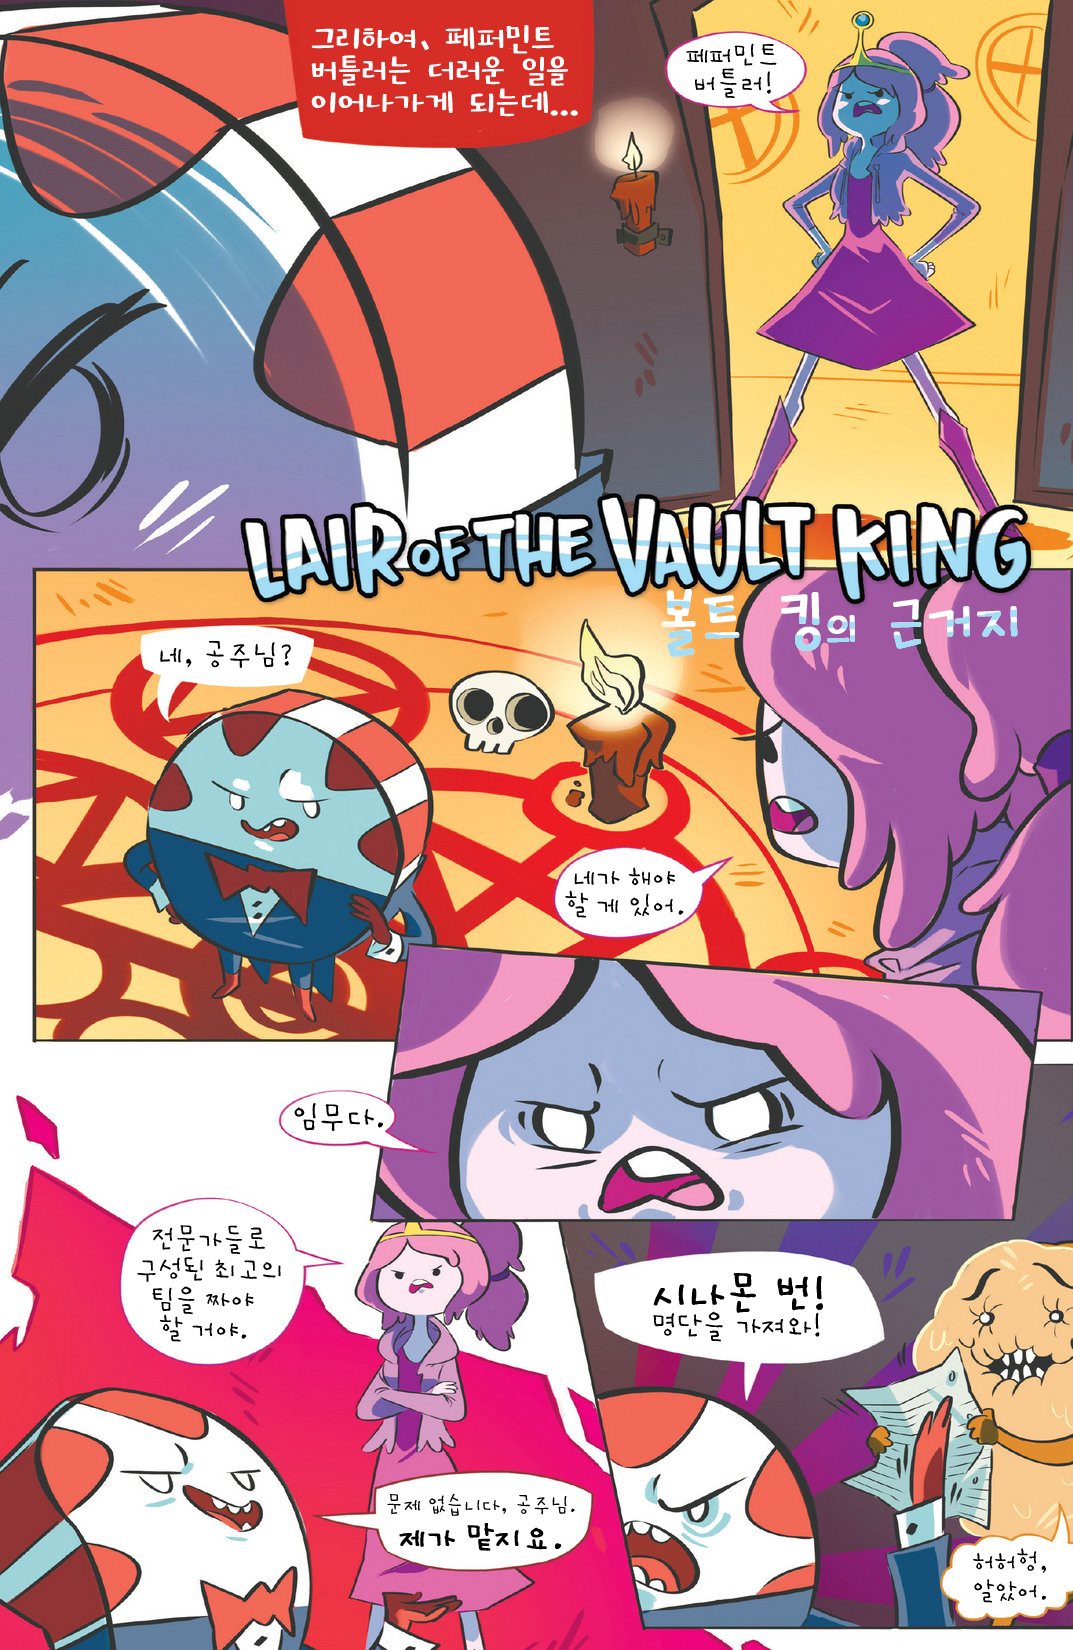 어드벤쳐 타임 코믹스 : 캔디 케이퍼즈 #5 뒷이야기